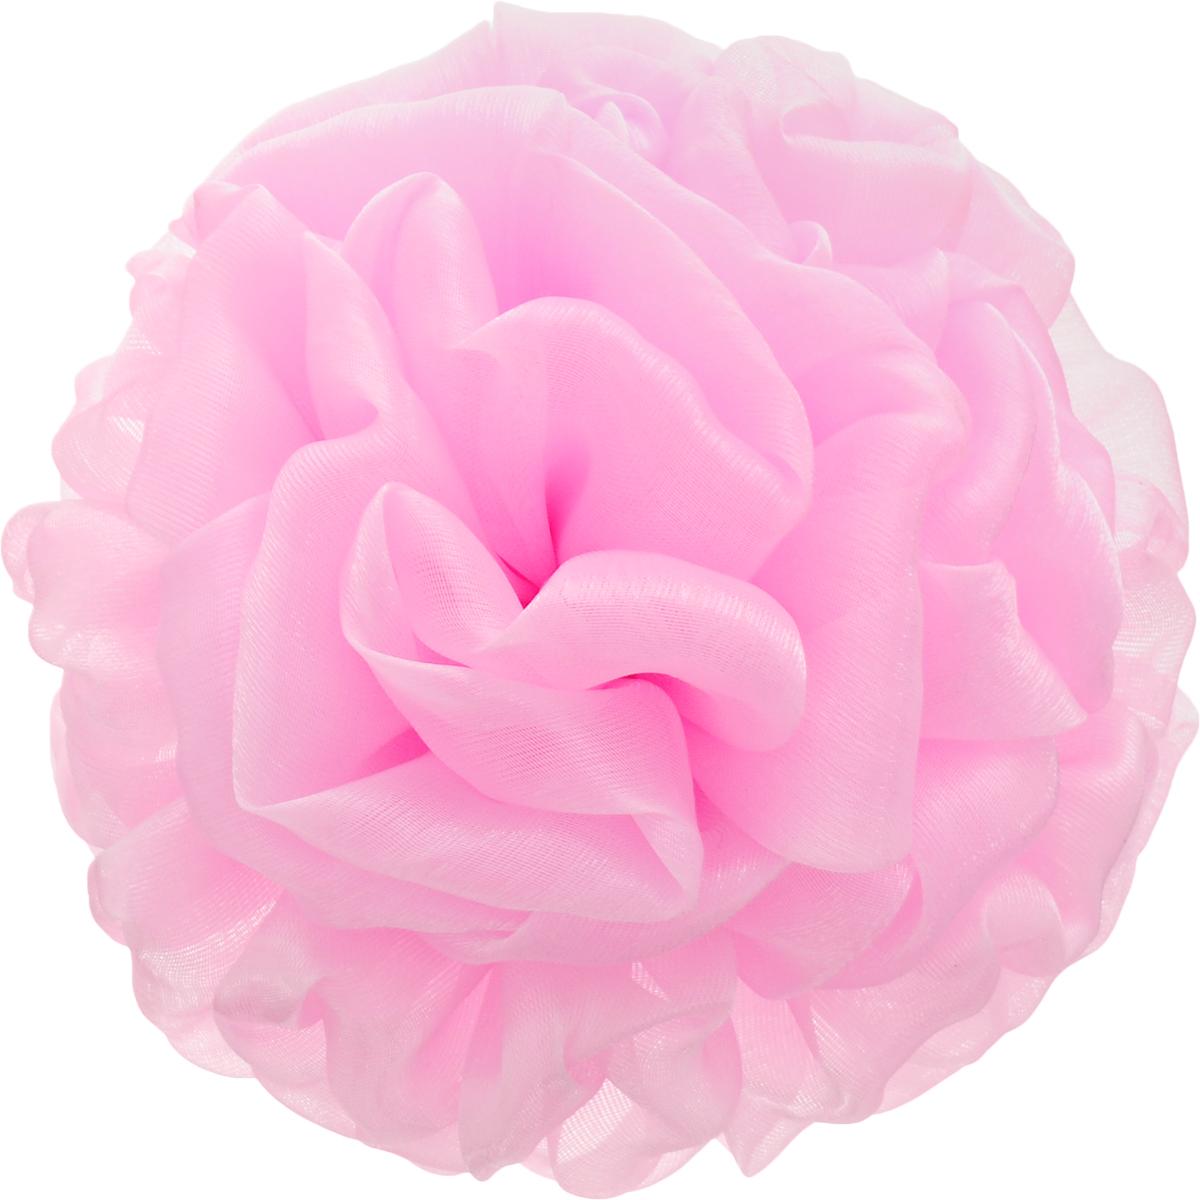 Babys Joy Бант для волос цвет розовый MN 2Серьги с подвескамиАксессуар для волос Babys Joy выполнен из мягкого текстиля в виде объемного розового банта. Бант на резинке позволит не только убрать непослушные волосы с лица, но и придать образу романтичности и очарования. Такой аксессуар для волос подчеркнет уникальность вашей маленькой модницы и станет прекрасным дополнением к ее неповторимому стилю.